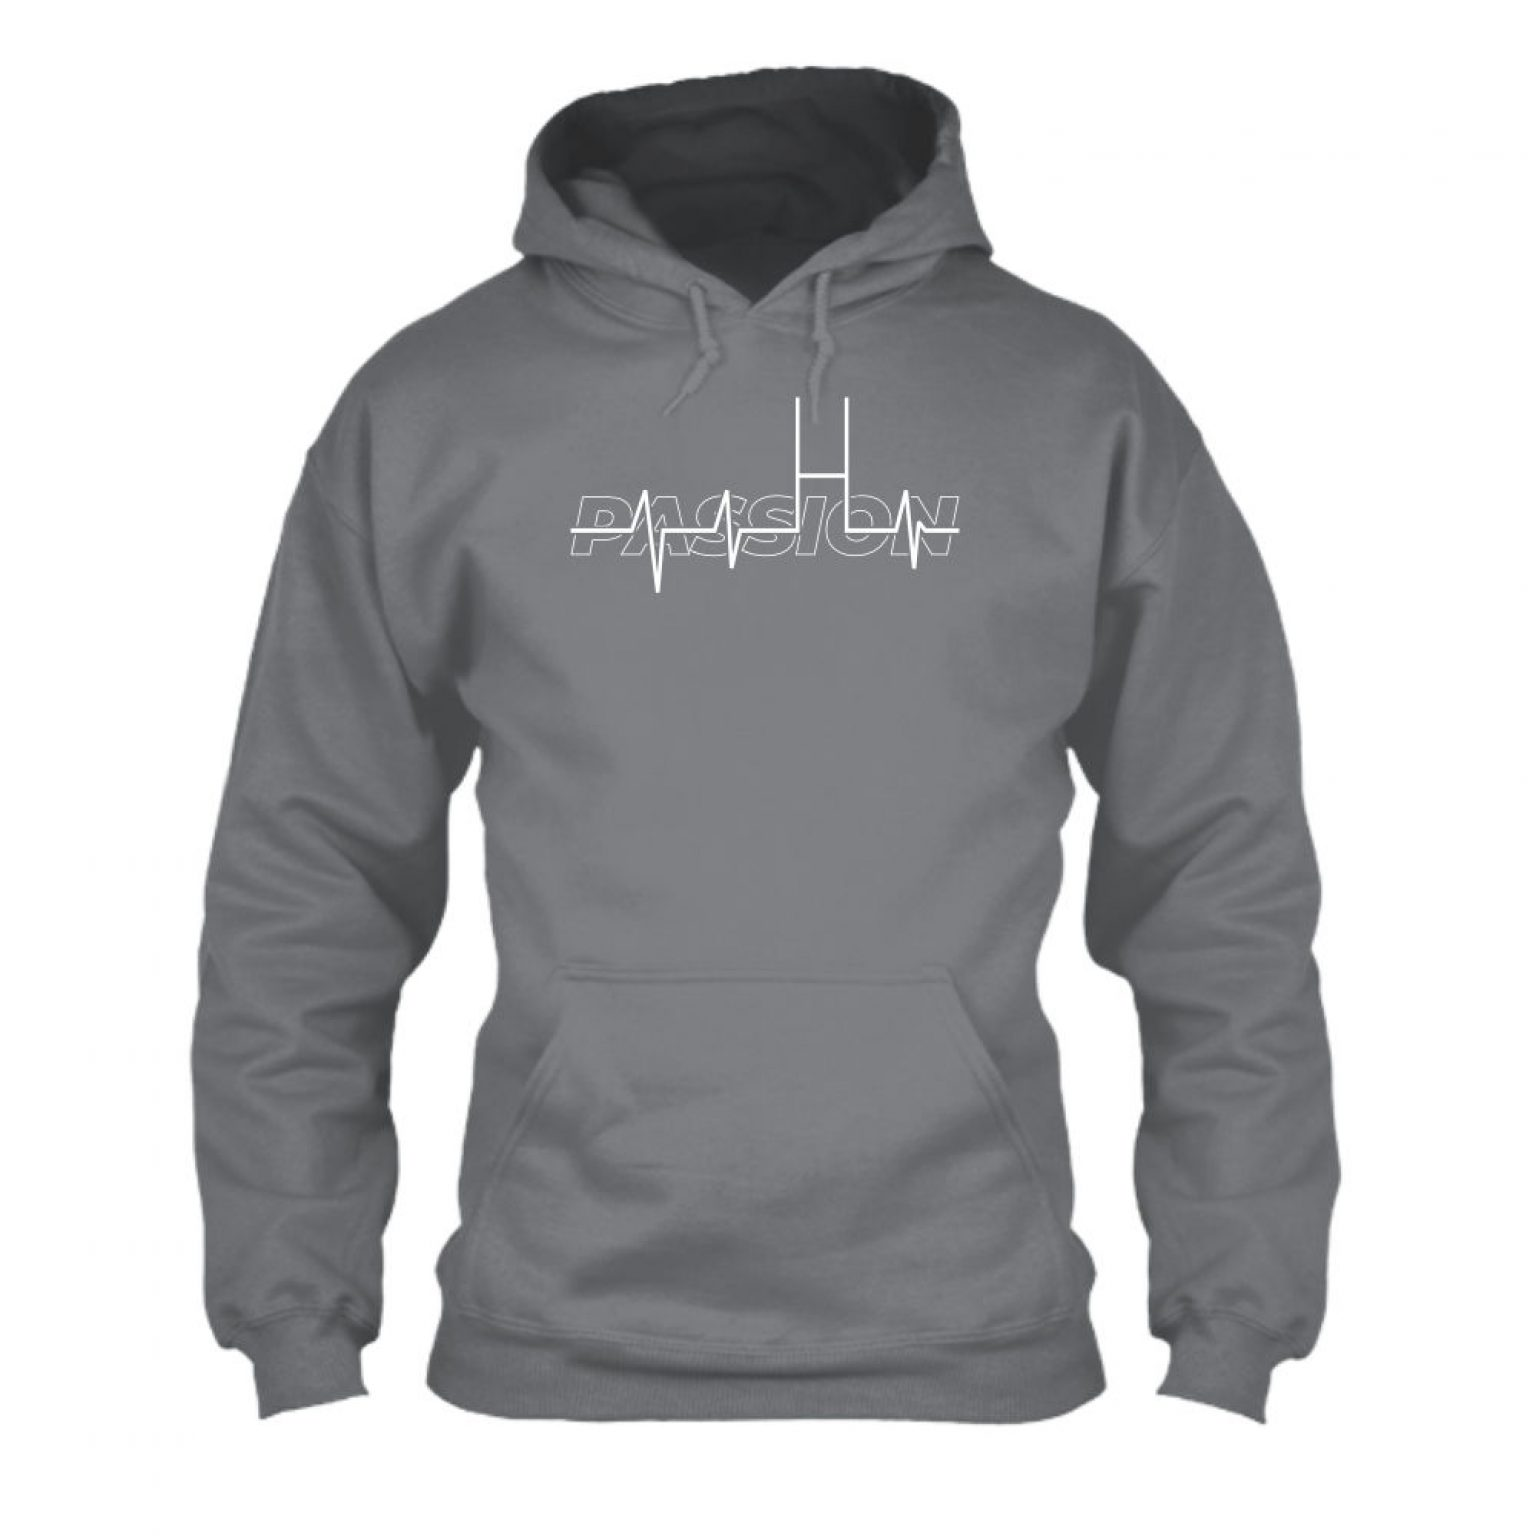 passion hoodie herren grey front